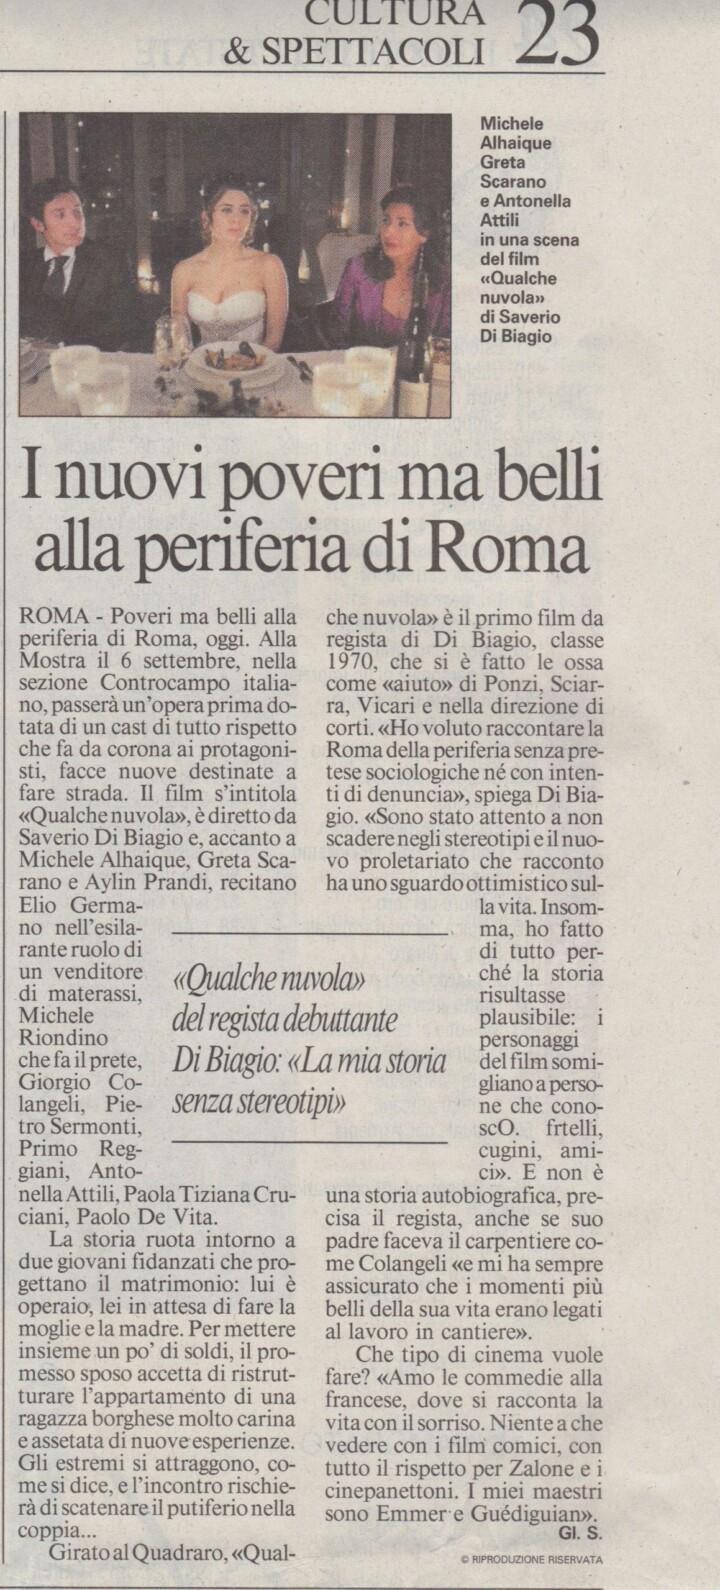 I NUOVI POVERI MA BELLI ALLA PERIFERIA DI ROMA – MESSAGGERO